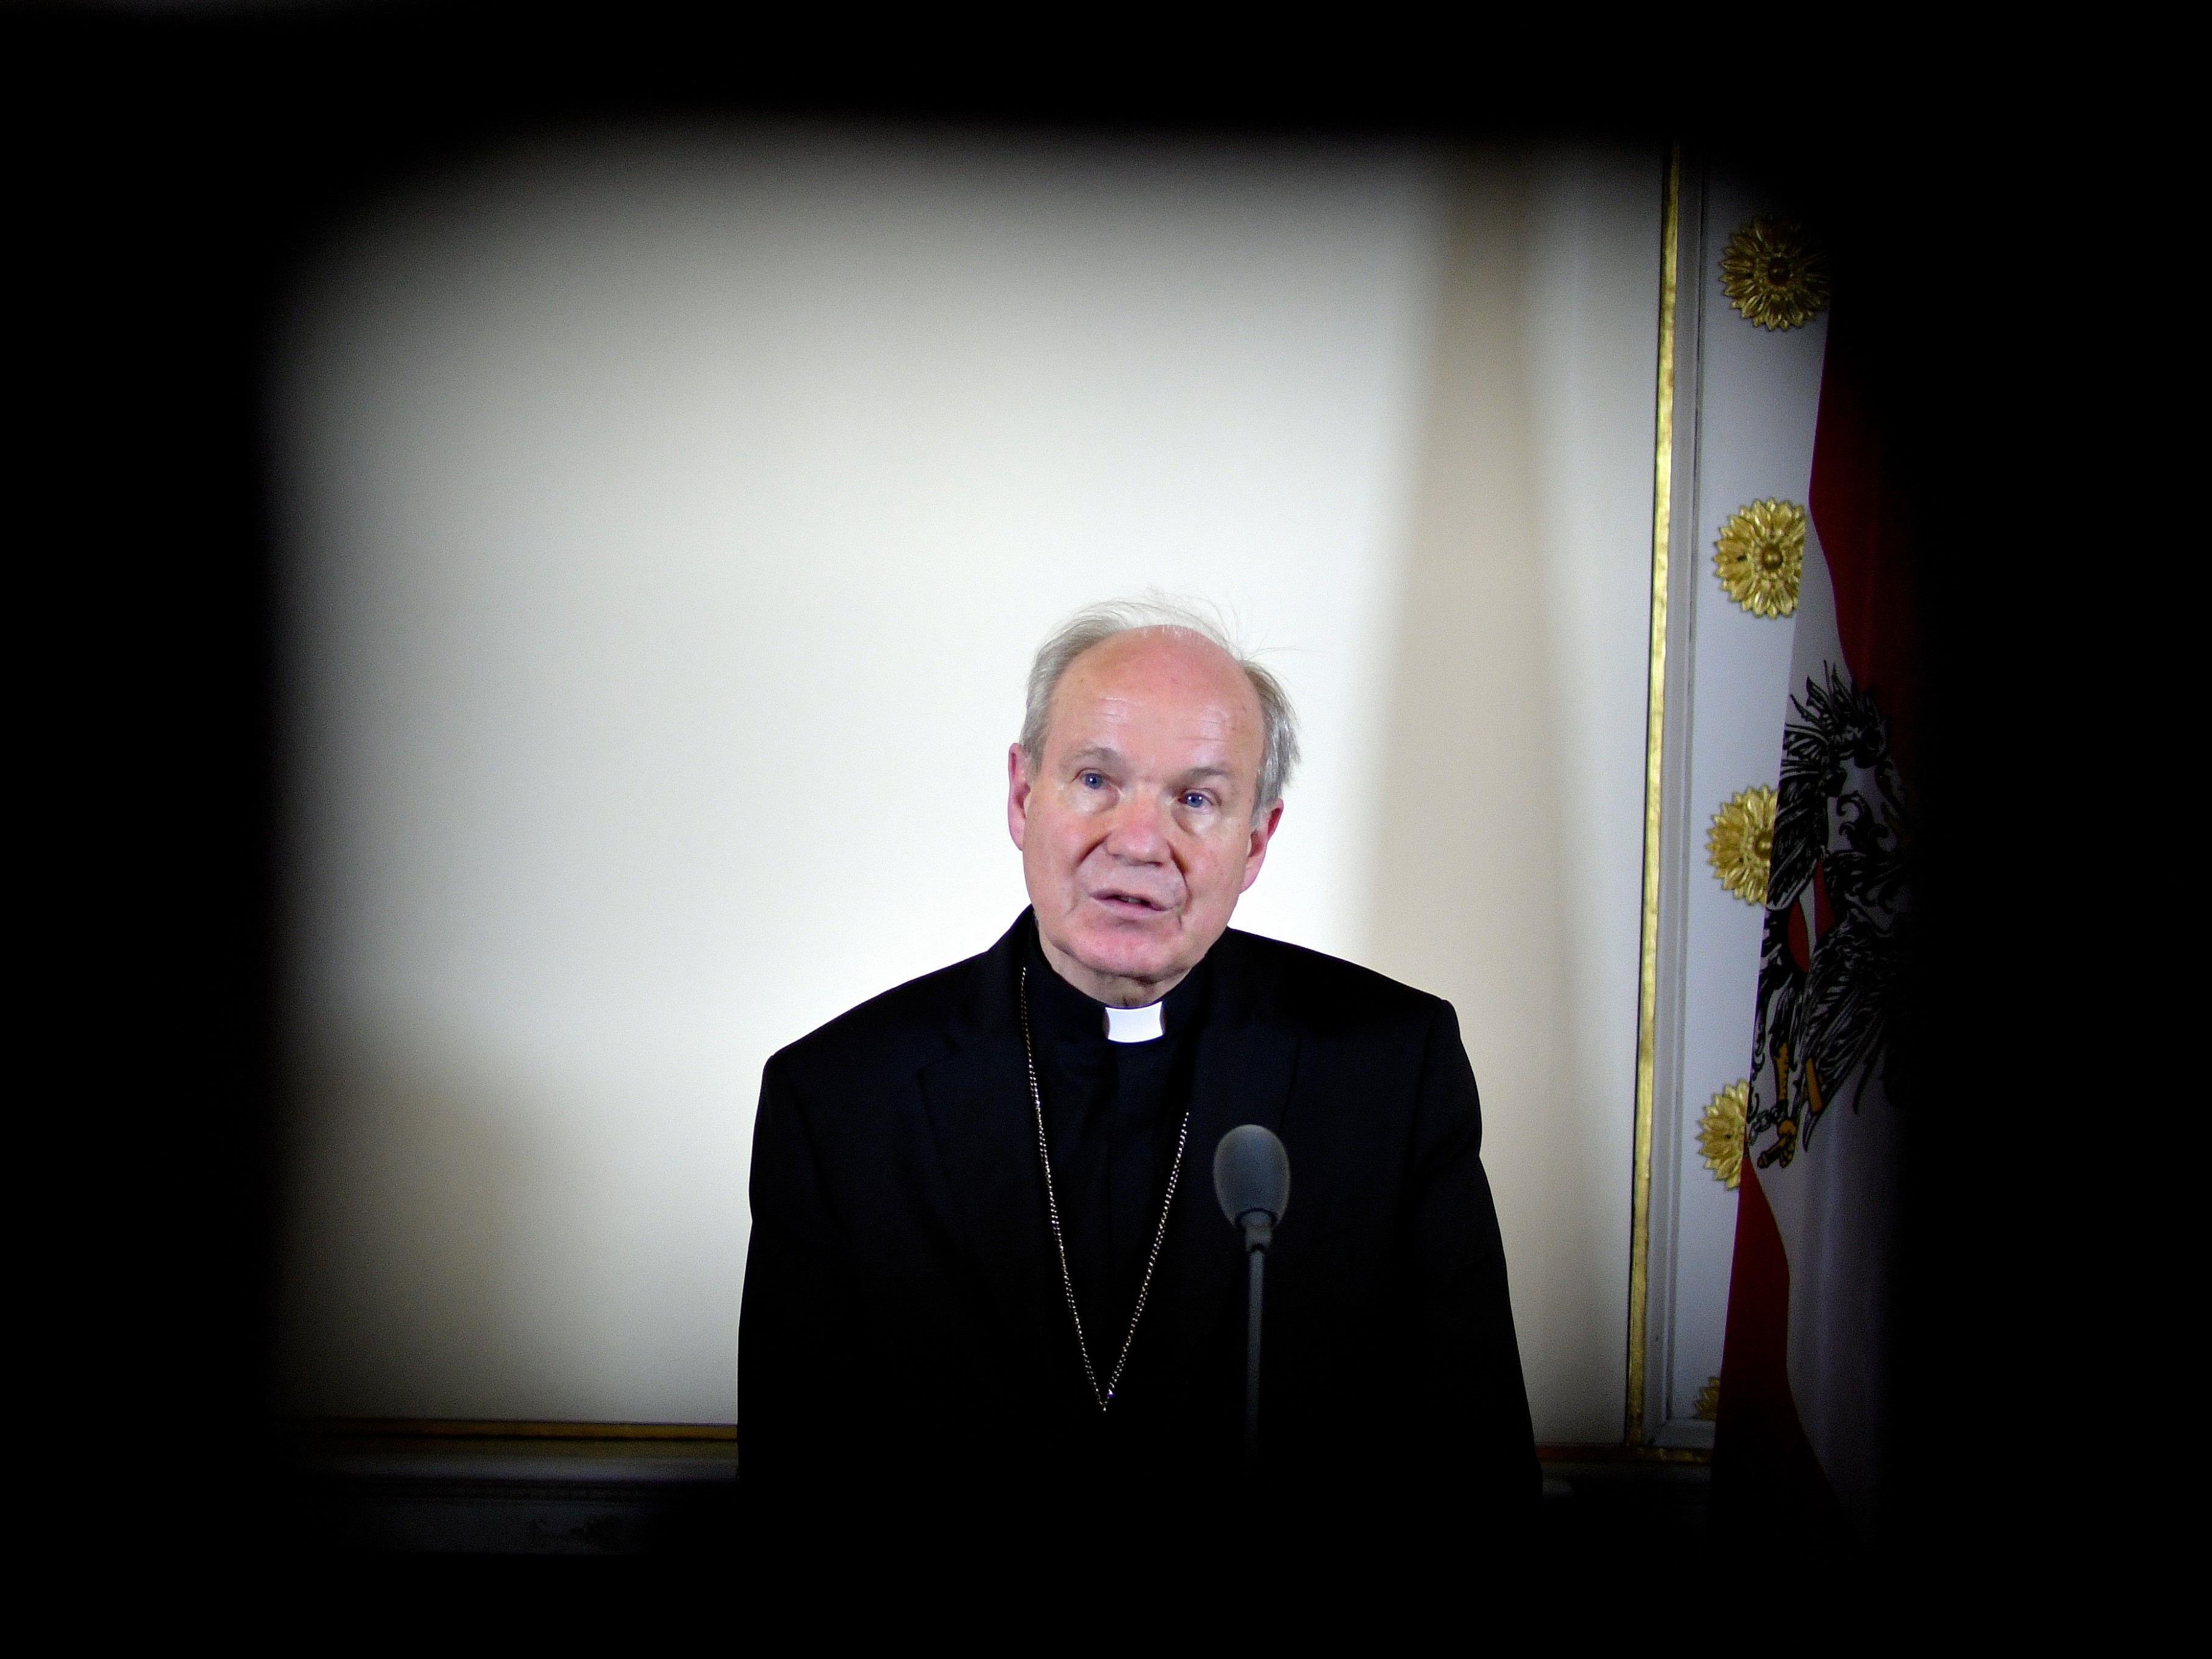 Kardinal Schönborn warnt vor Islam-Feindlichkeit